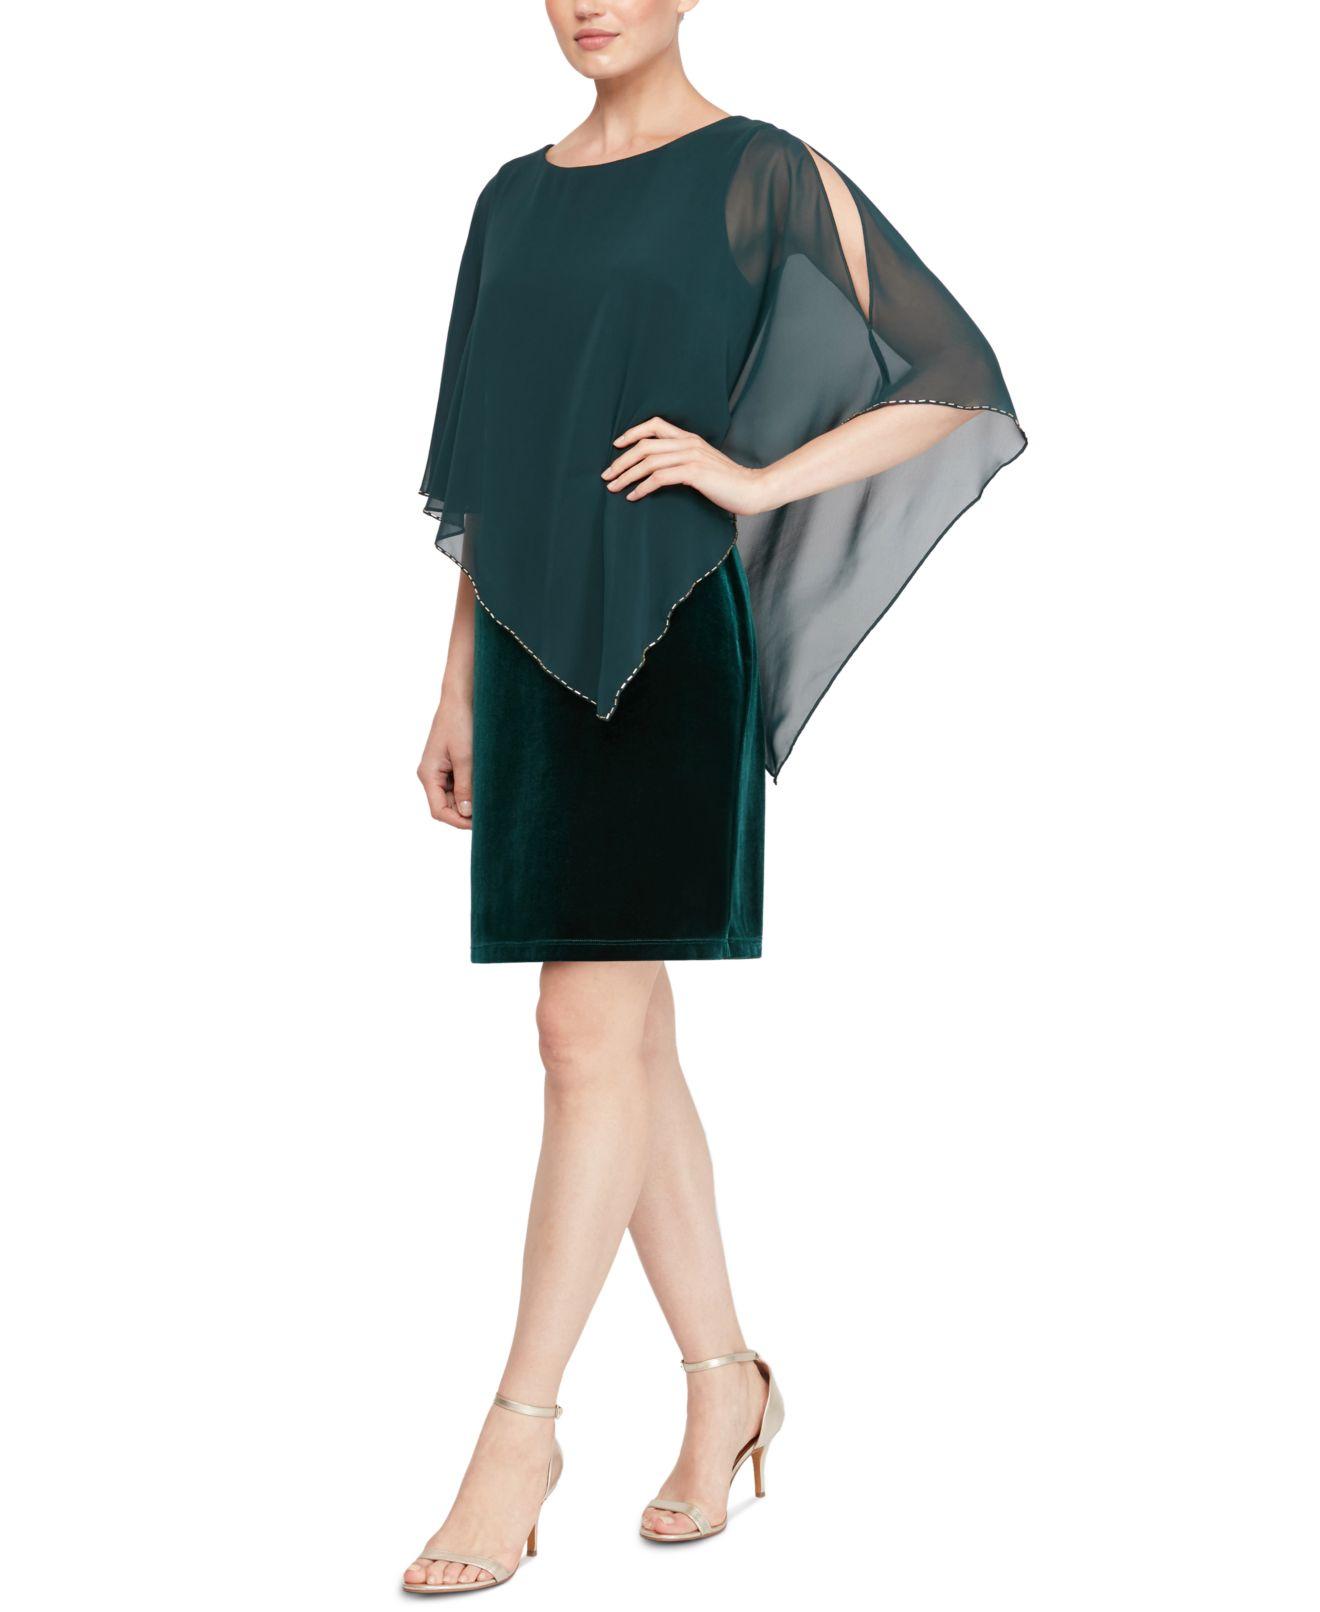 SLNY Women's Dress Hunter Green Size 4 Sheath Velvet Embellished Cape